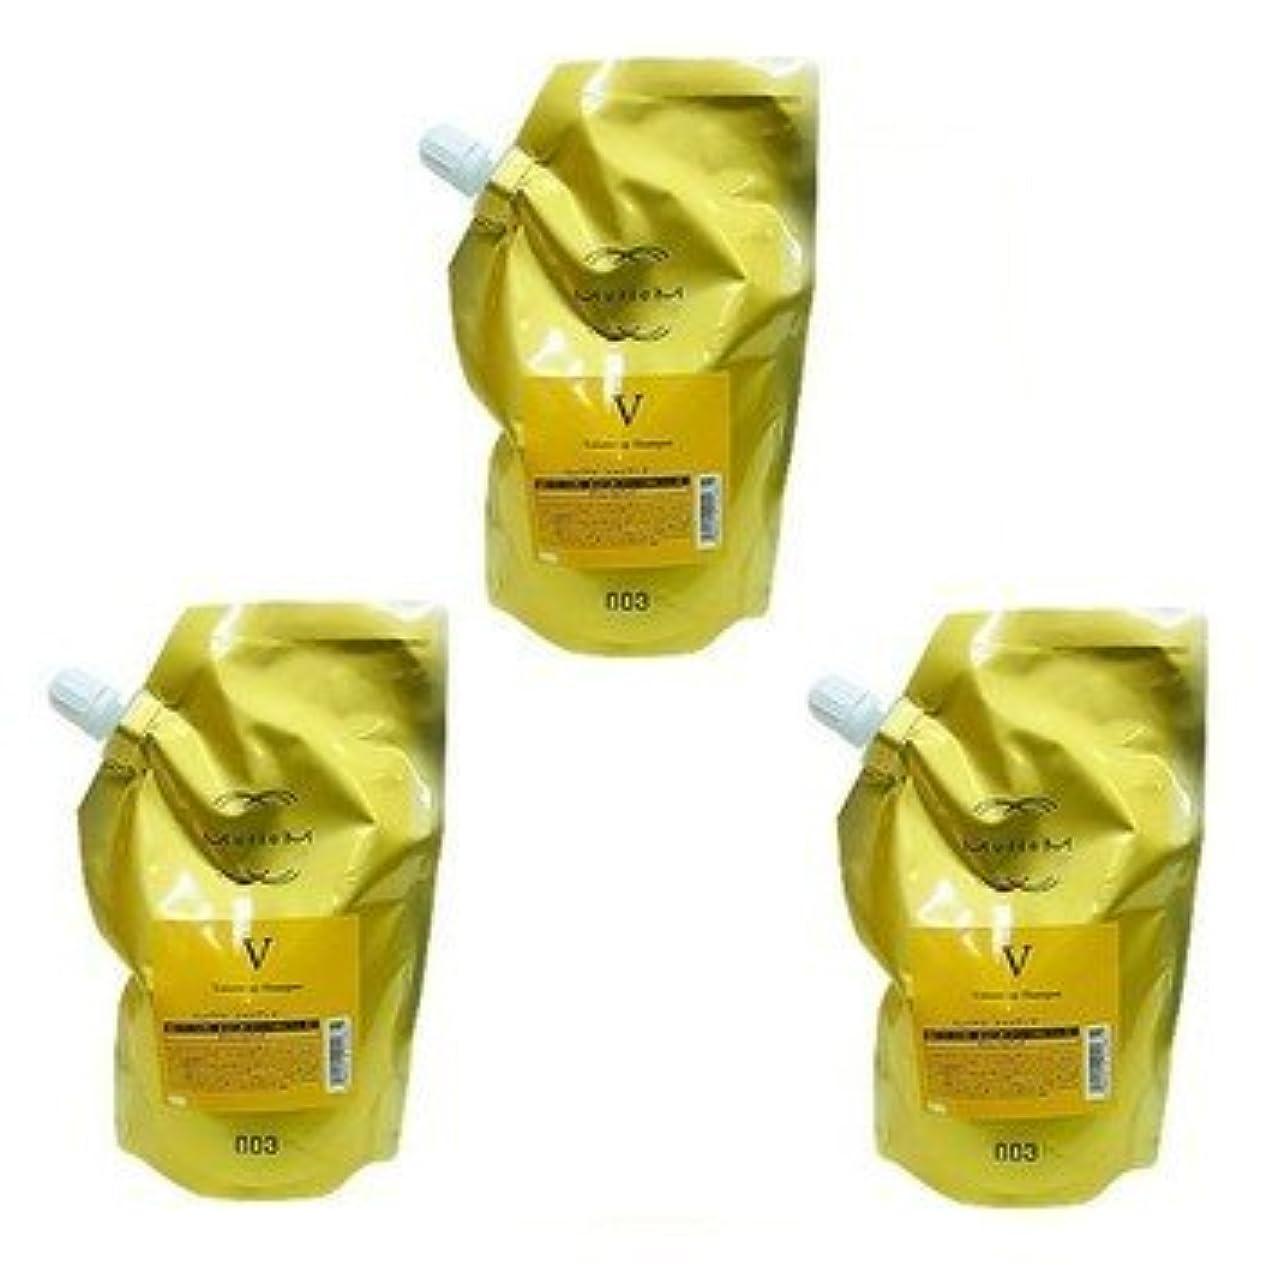 三十確立弱い【X3個セット】 ナンバースリー ミュリアム ゴールド シャンプー V 500ml 詰替え用